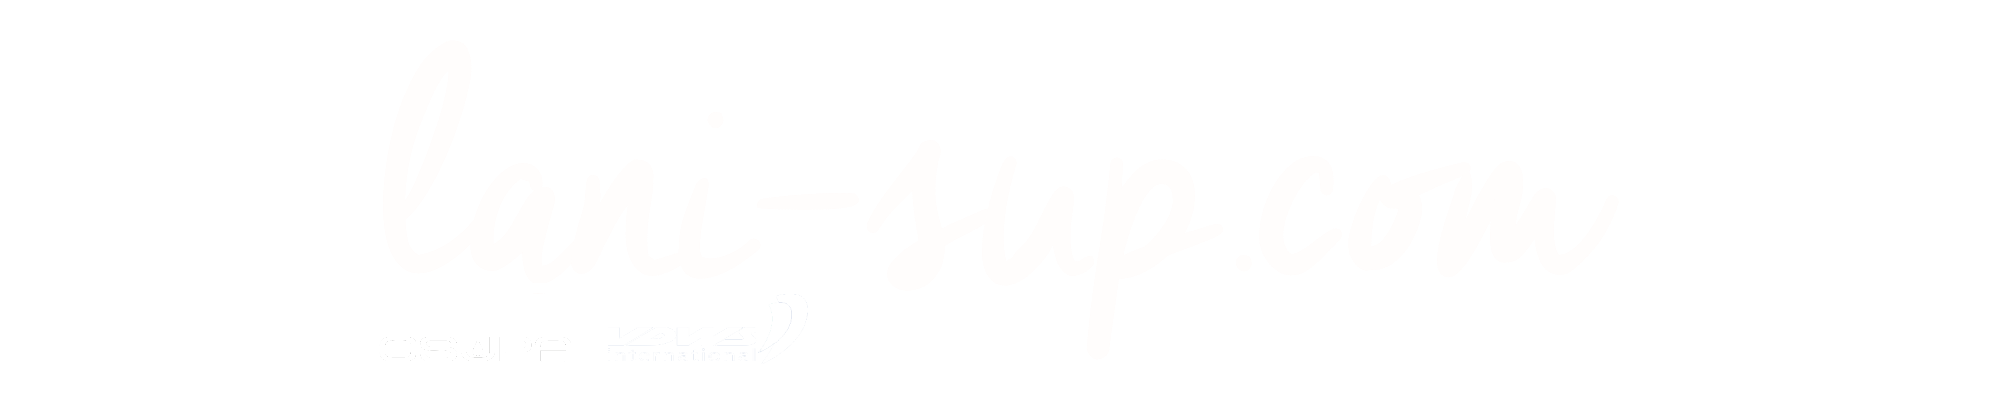 Lani Sup